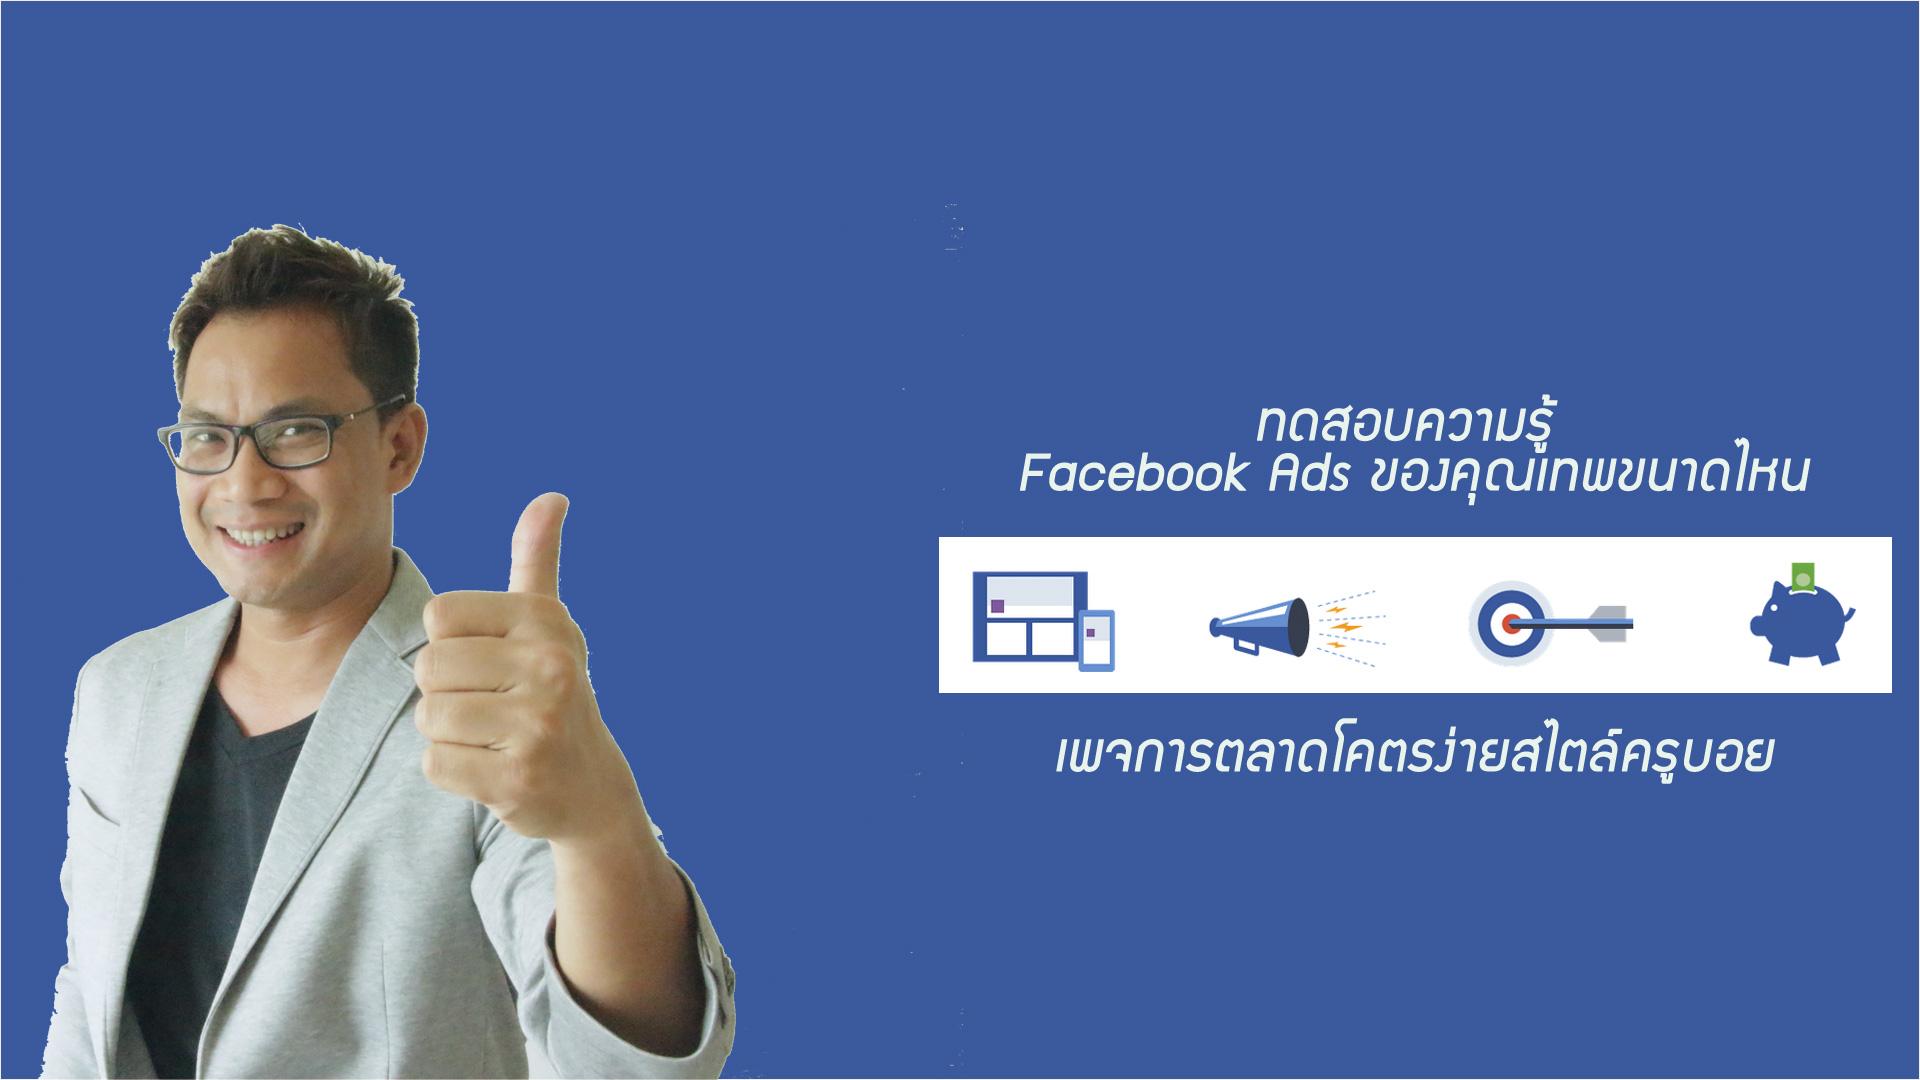 เช็คกึ๋น Facebook Ads คุณมีความรู้ระดับไหนกันแน่